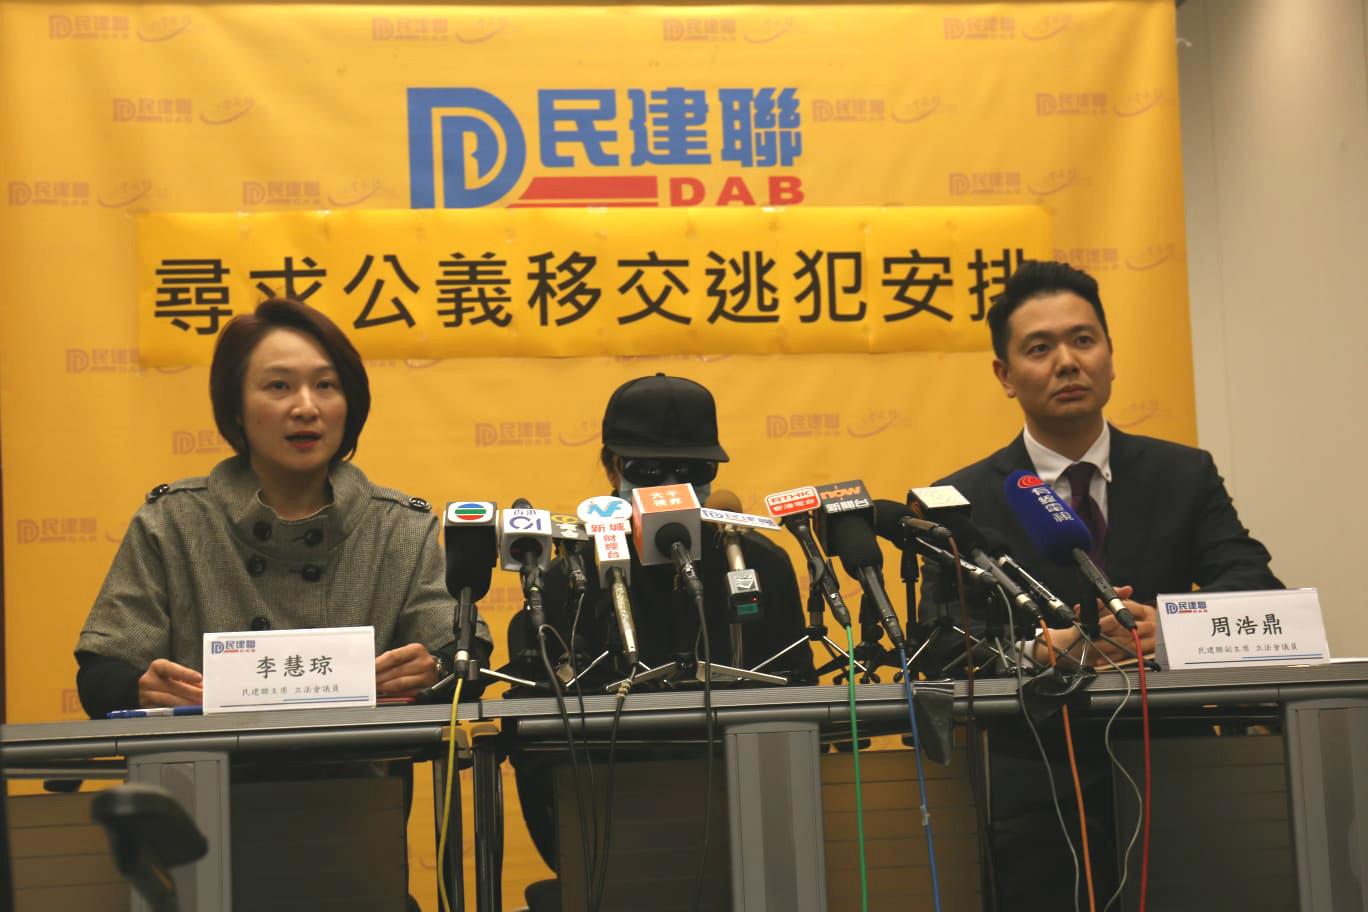 民建聯支持修例移交香港女子台北被殺案逃犯。